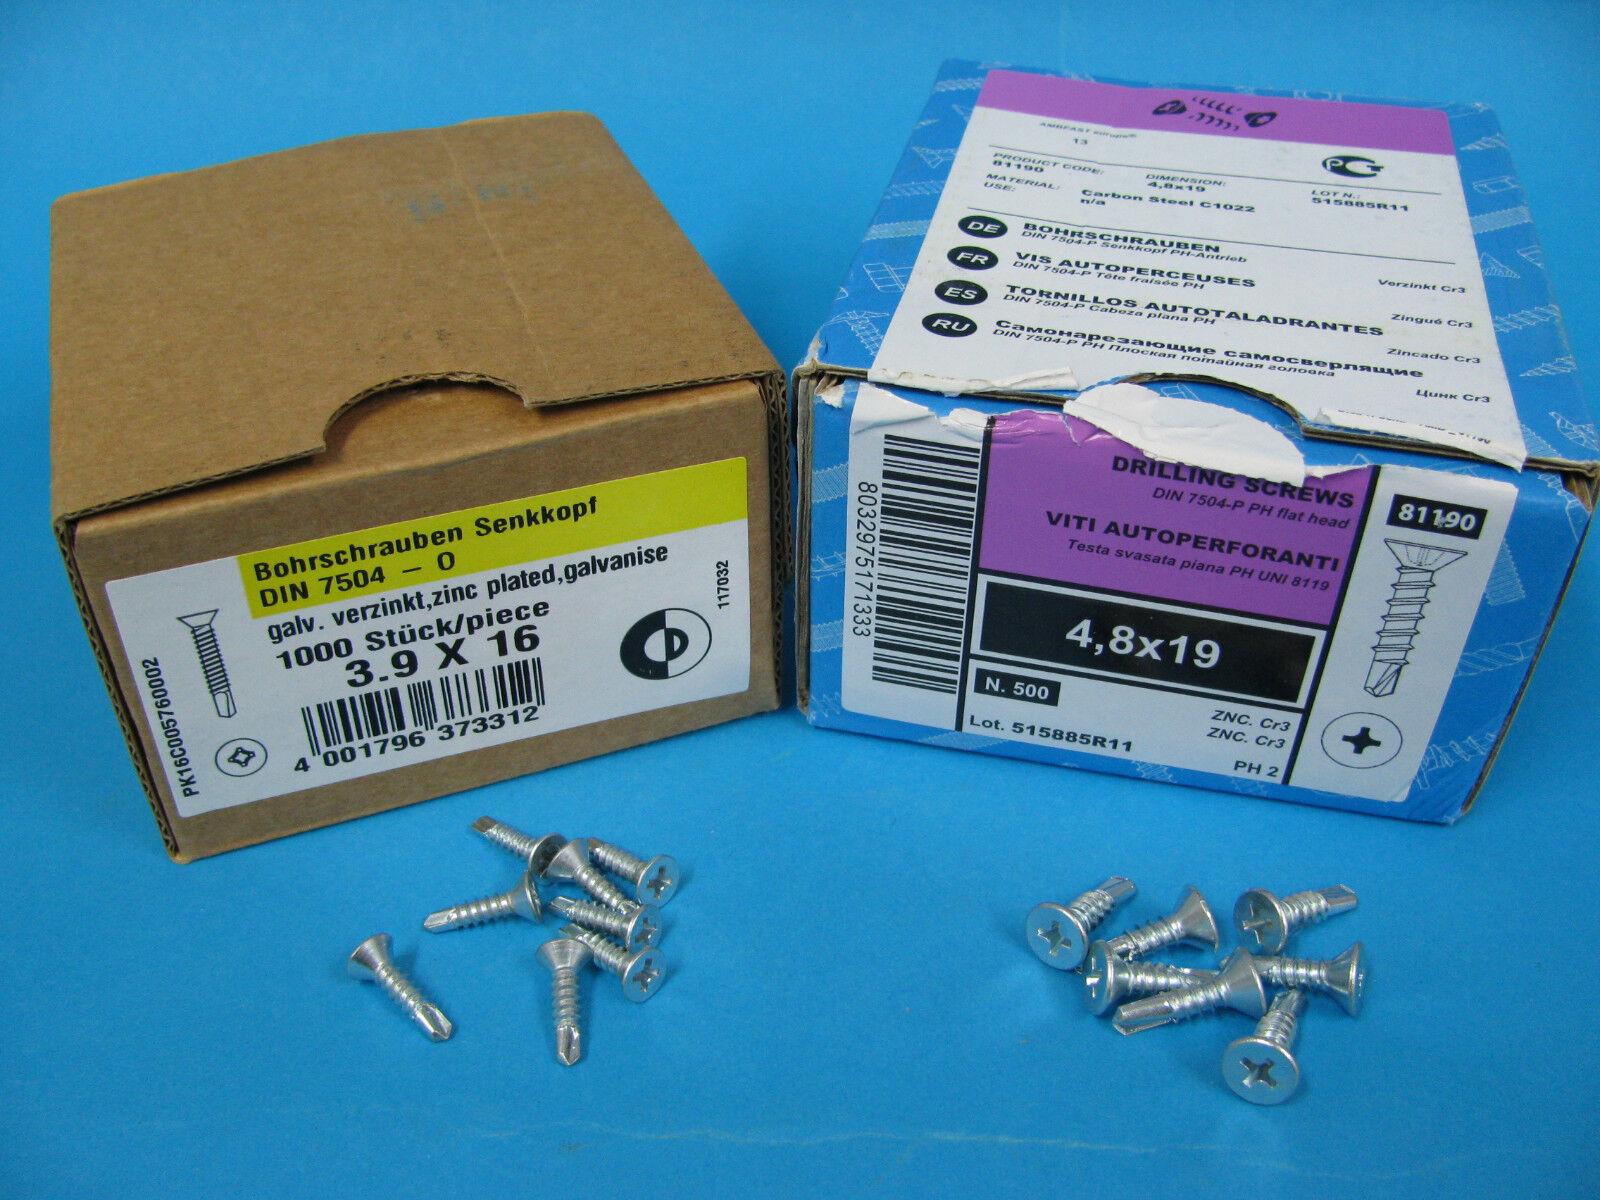 DIN 7504 Bohrschrauben selbstschneidend Senkkopfschrauben Blechschrauben verz.